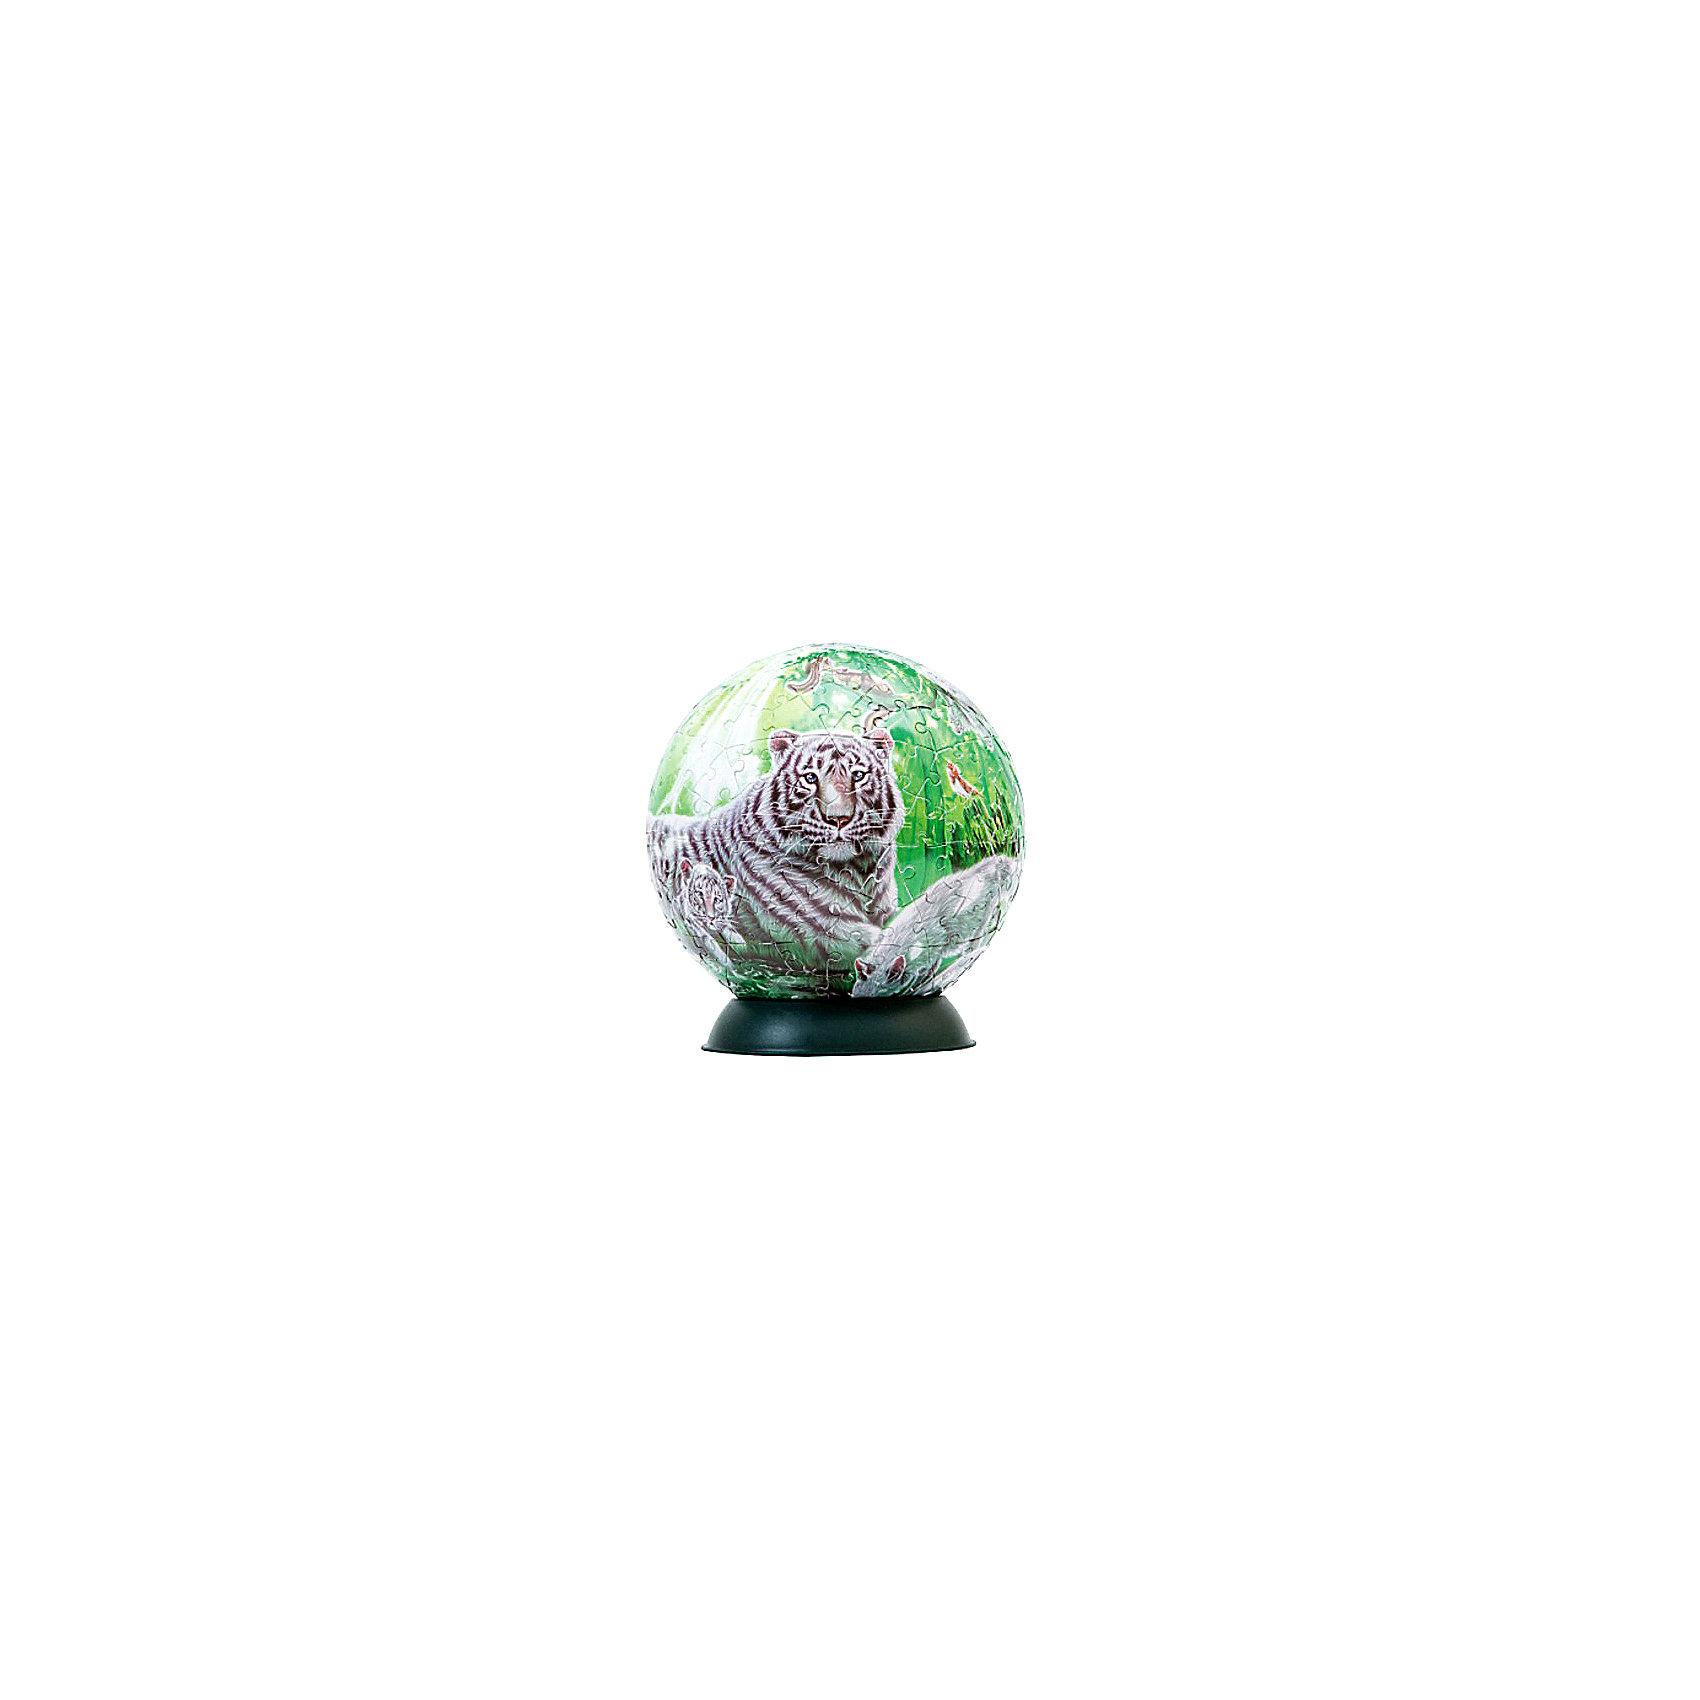 Пазл-шар Волшебный лес, 240 деталей3D пазлы<br>Характеристики товара:<br><br>• возраст: от 6 лет;<br>• материал: пластик;<br>• в комплекте: 240 элементов, подставка;<br>• диаметр шара: 15 см;<br>• размер упаковки: 23х21,5х5 см;<br>• вес упаковки: 370 гр.;<br>• страна производитель: Россия.<br><br>Пазл-шар «Волшебный лес» Step Puzzle — оригинальный пазл, элементы которого имеют изогнутую форму и собираются вместе, образуя шар. Собрав его, получается объемная фигура с яркими изображениями.<br><br>В процессе сборки пазла развиваются мелкая моторика рук, усидчивость, внимательность, логическое мышление. Все детали выполнены из качественного прочного пластика и надежно скрепляются между собой.<br><br>Пазл-шар «Волшебный лес» Step Puzzle можно приобрести в нашем интернет-магазине.<br><br>Ширина мм: 230<br>Глубина мм: 215<br>Высота мм: 50<br>Вес г: 370<br>Возраст от месяцев: 72<br>Возраст до месяцев: 2147483647<br>Пол: Женский<br>Возраст: Детский<br>Количество деталей: 240<br>SKU: 5346233